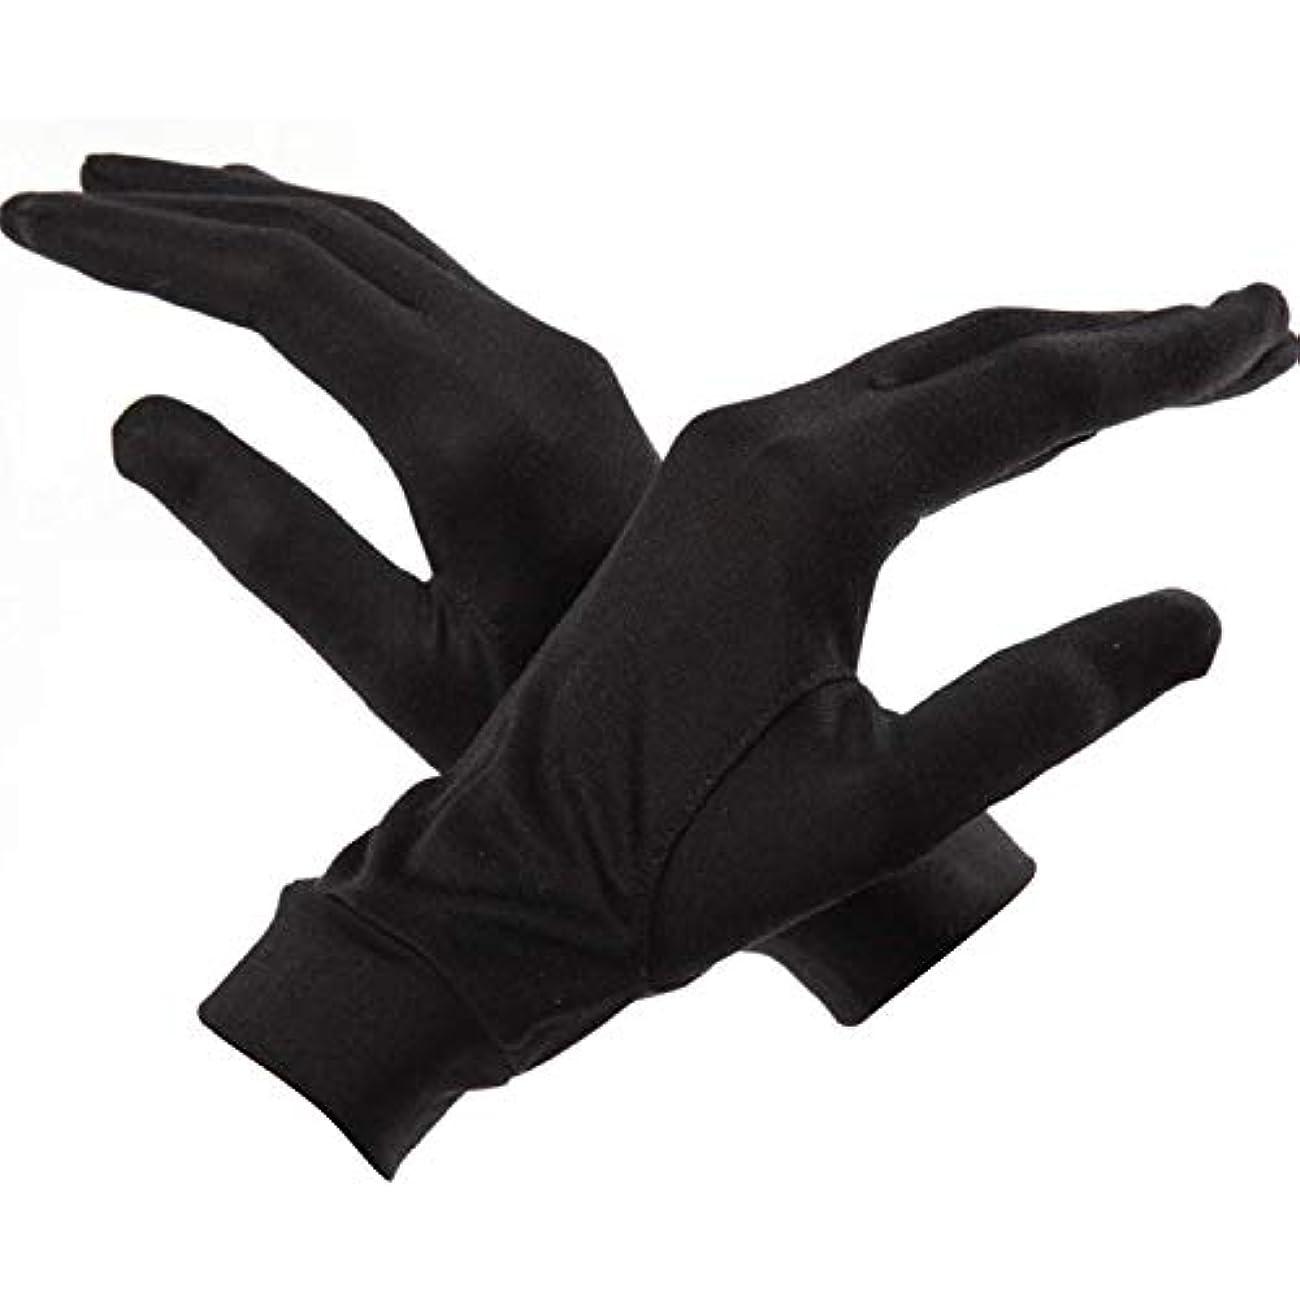 水族館解く擁する7双組手袋 保湿ケア UVカット ハンドケア シルク シルク手袋